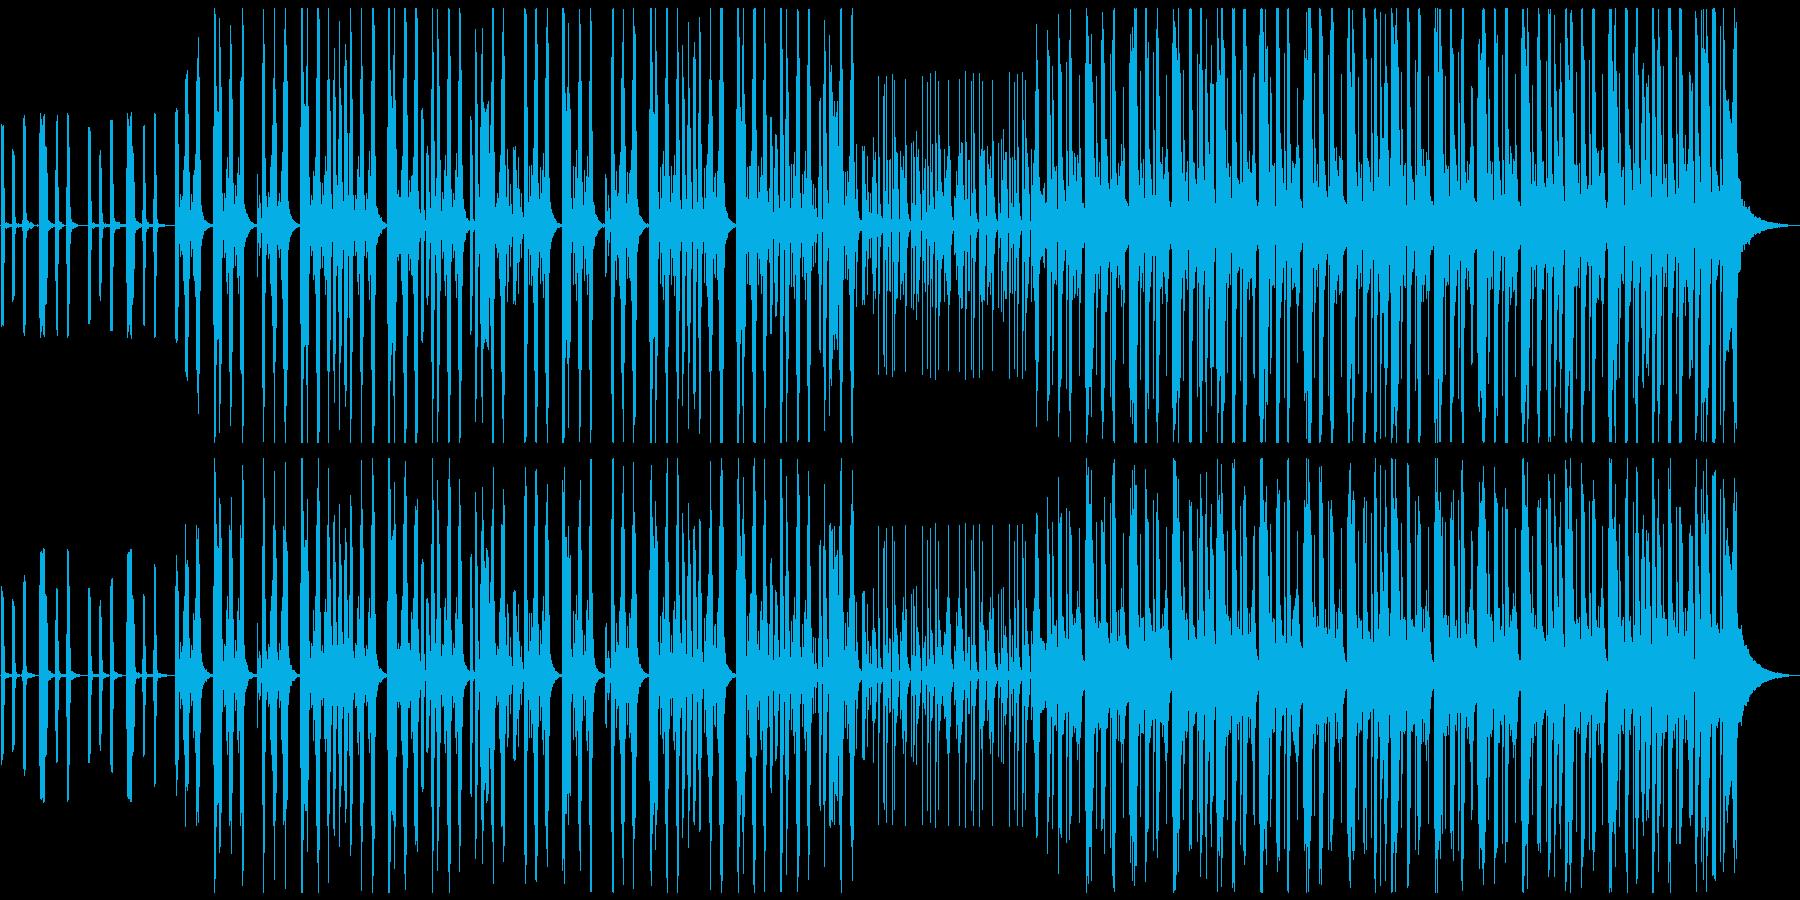 【メロディ抜き】コミカルで可愛い雰囲気のの再生済みの波形